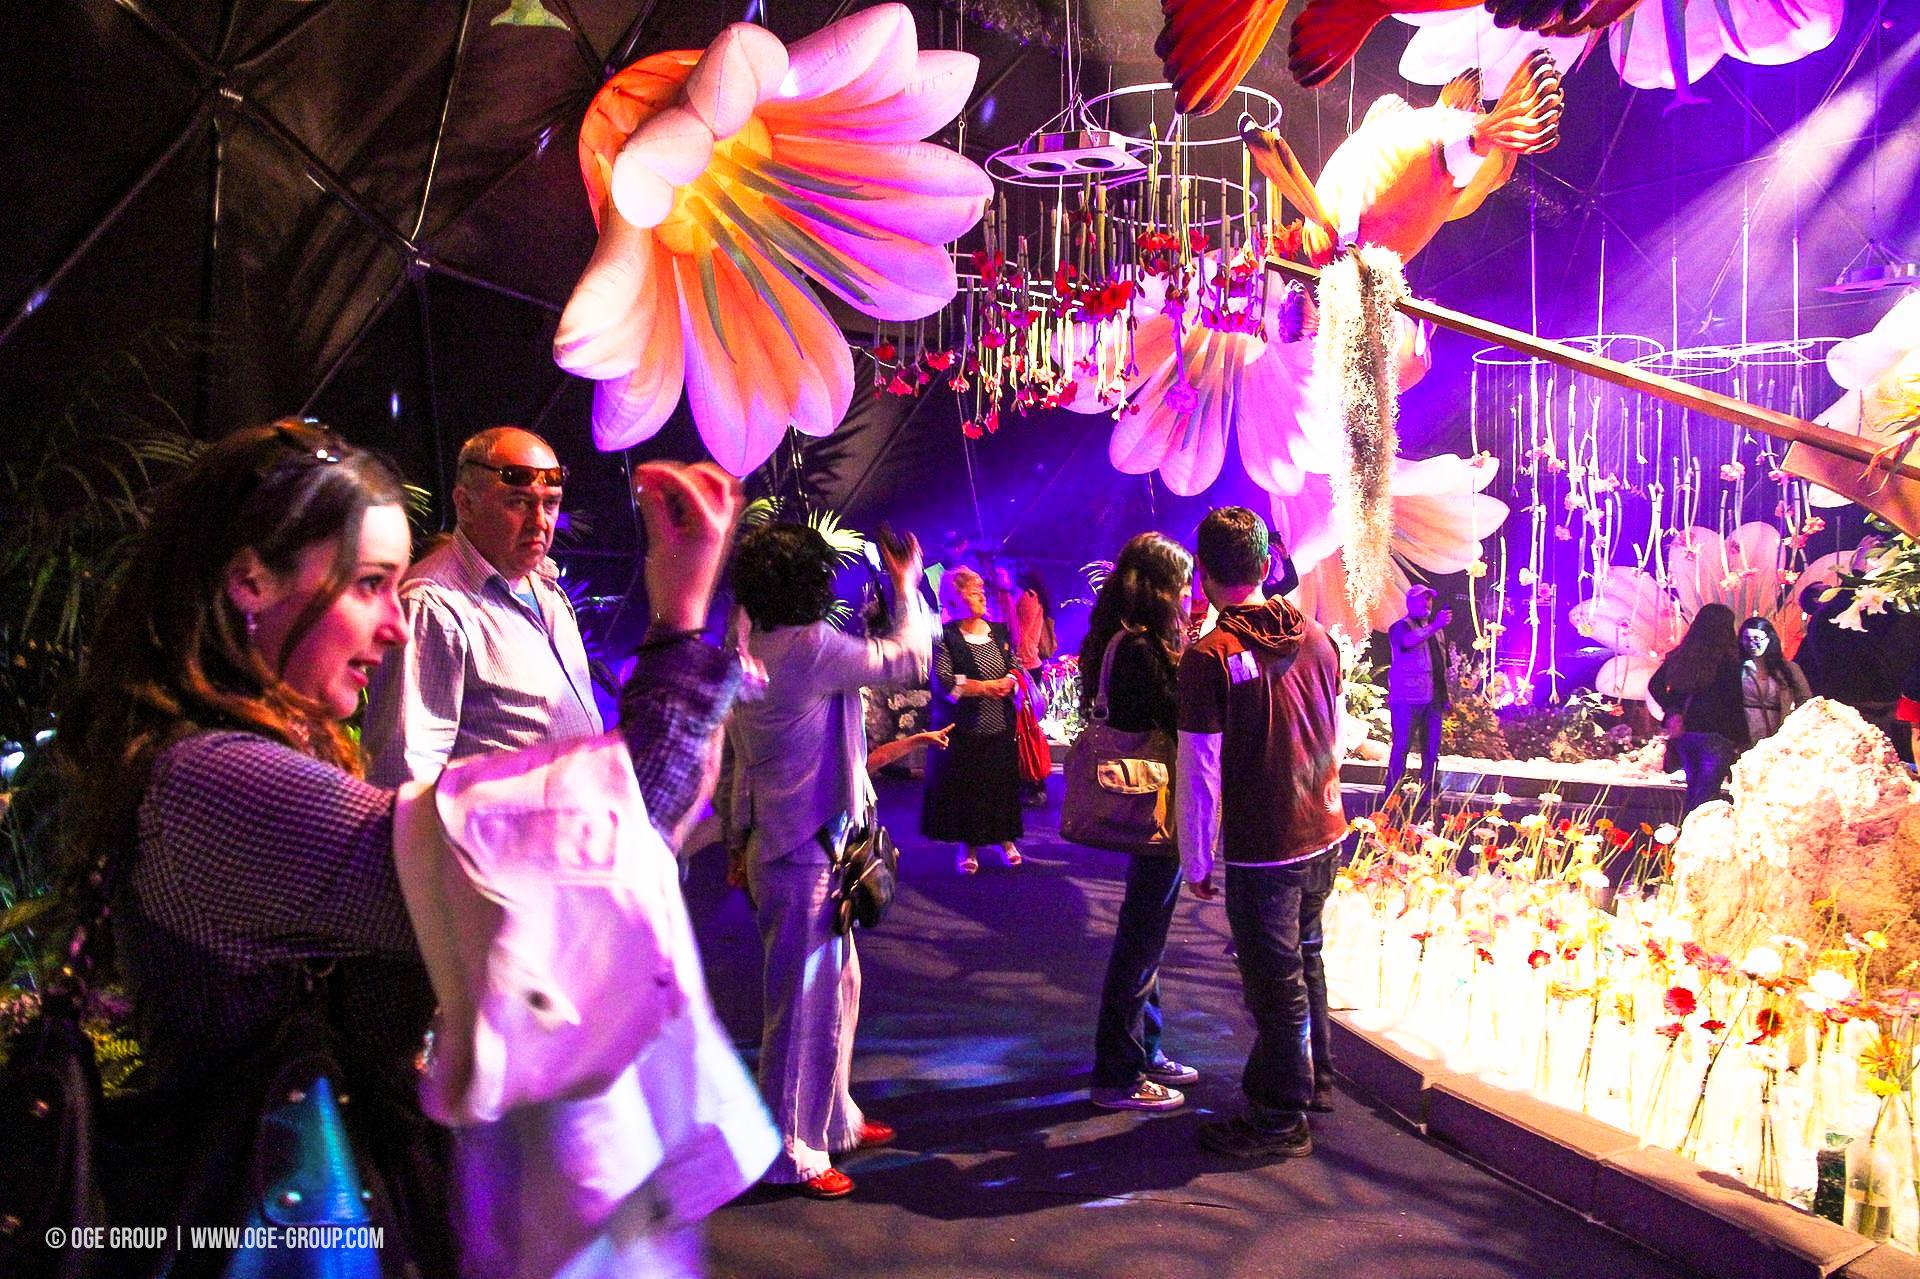 OGE-Flower-Show-Underwater-21